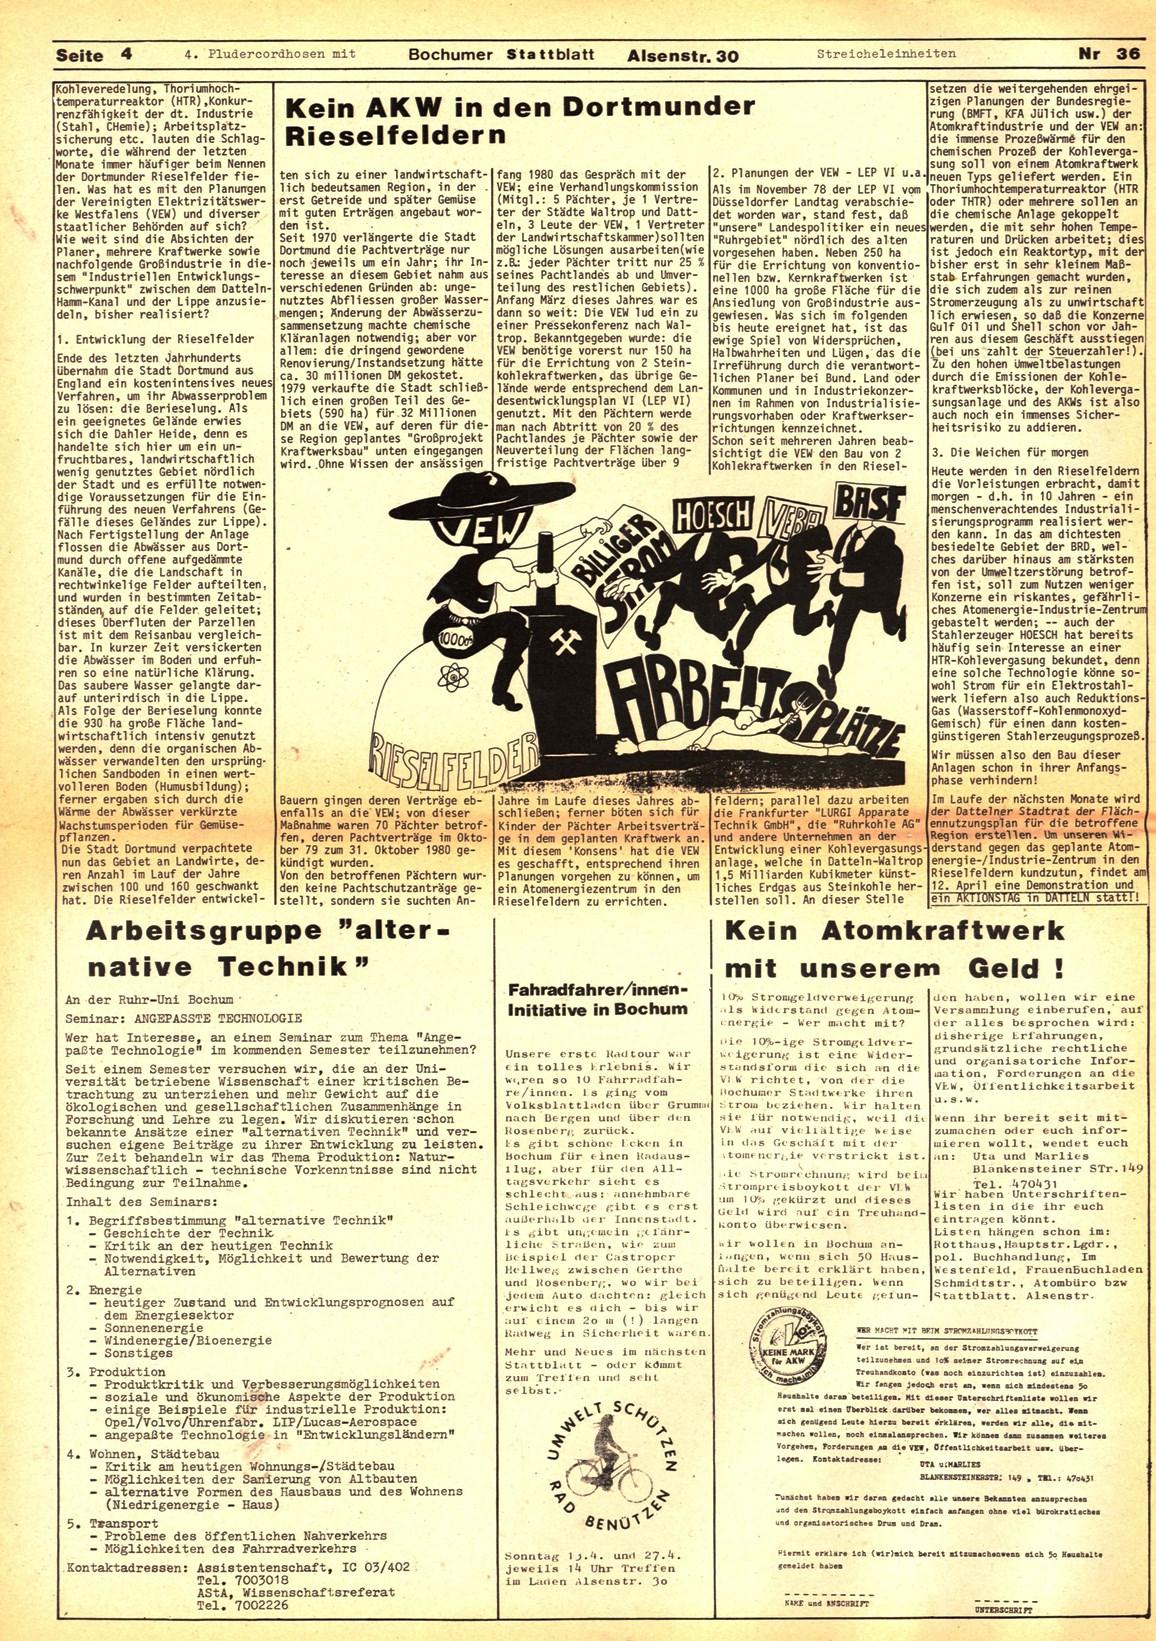 Bochum_Stattblatt_19800400_36_04